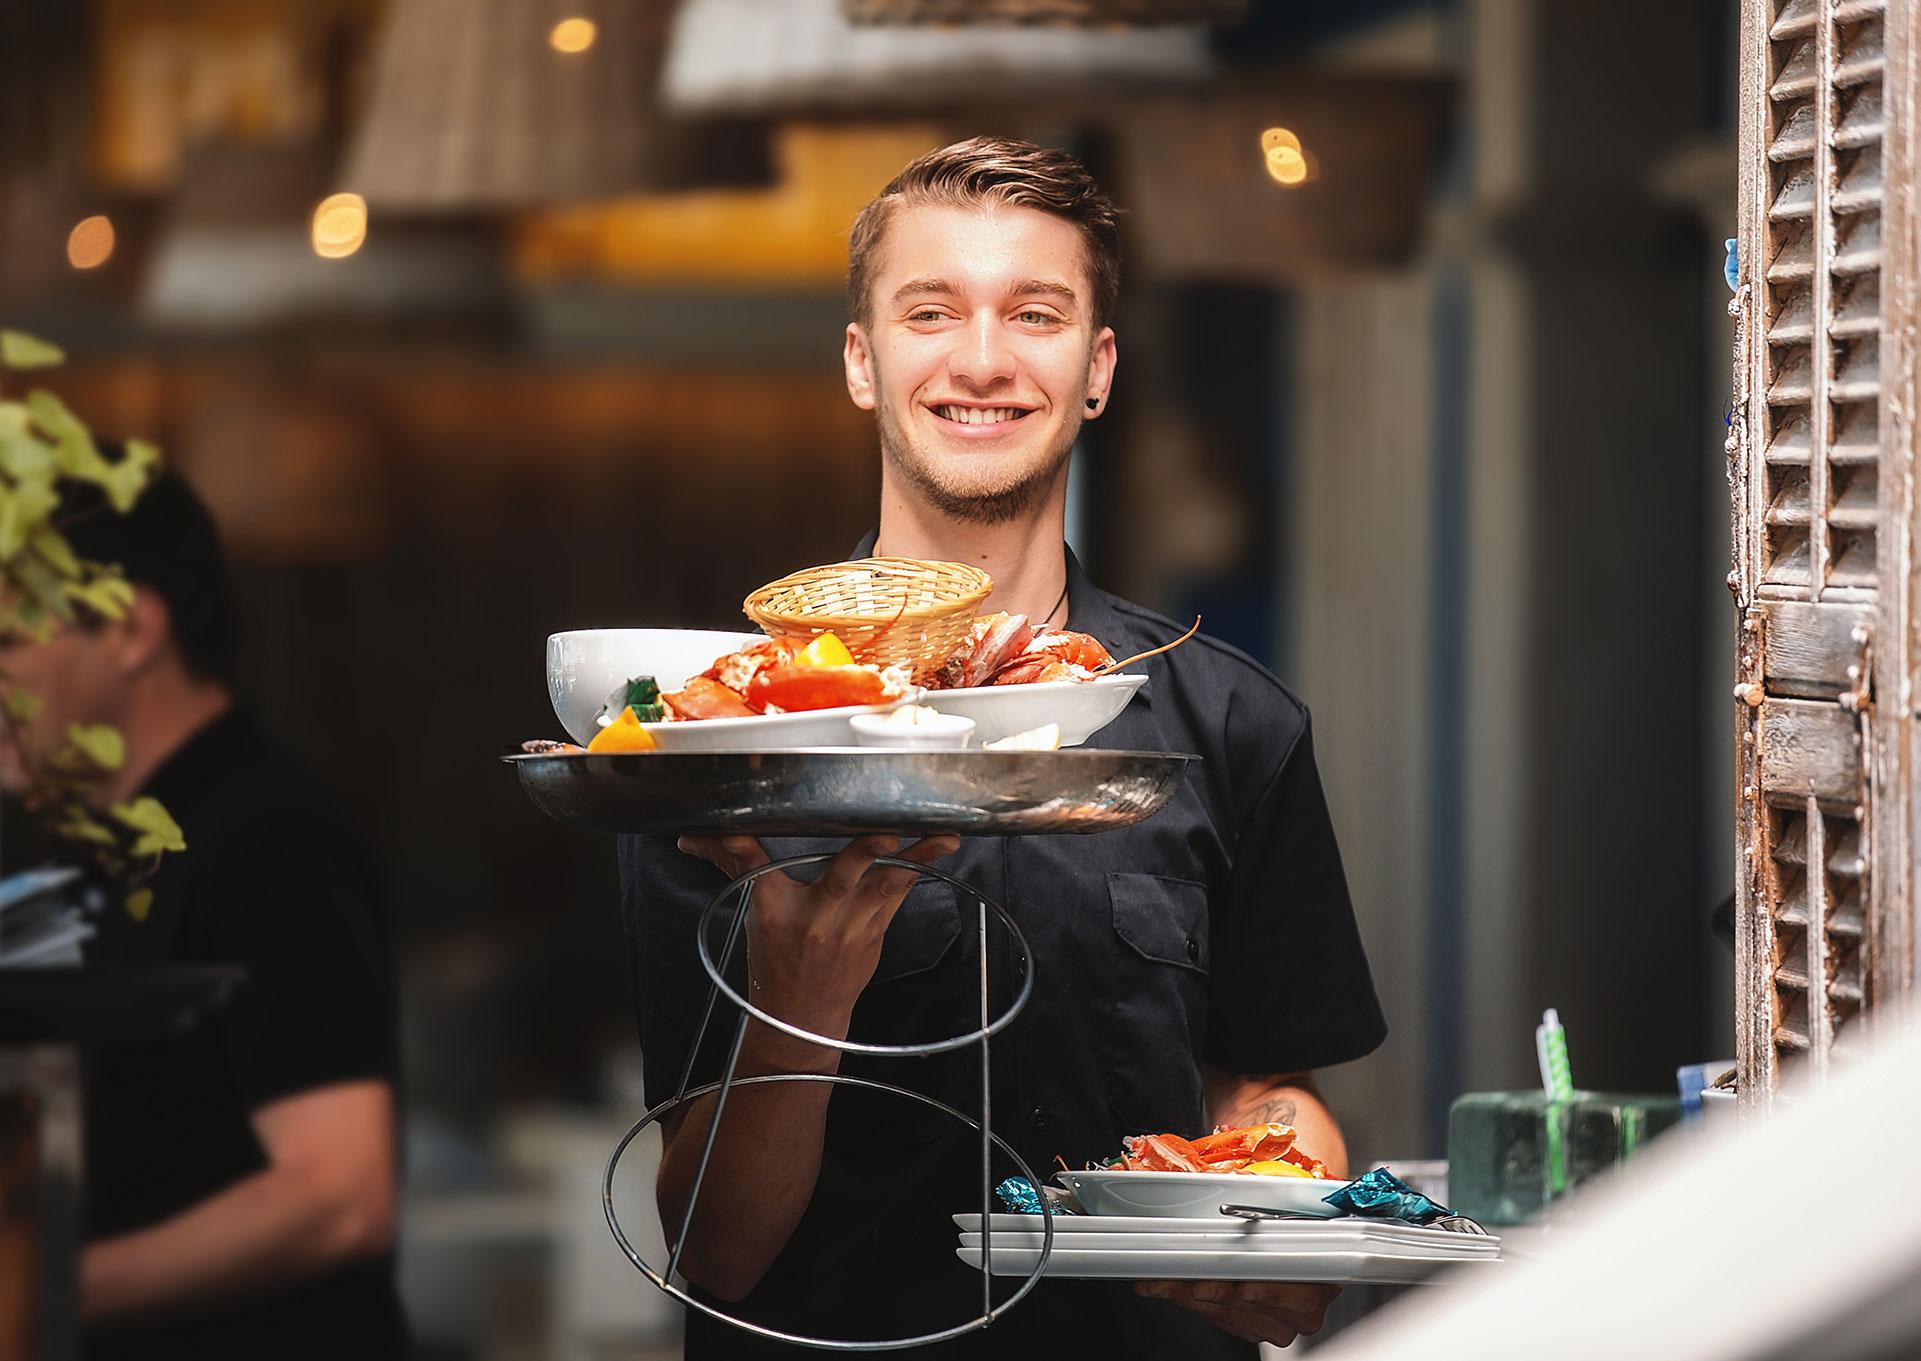 Restaurant-Les-Planches-Argeles-sur-Mer-Specialite-Poissons-Fruits-de-Mer-Serveur-Service-Plateau